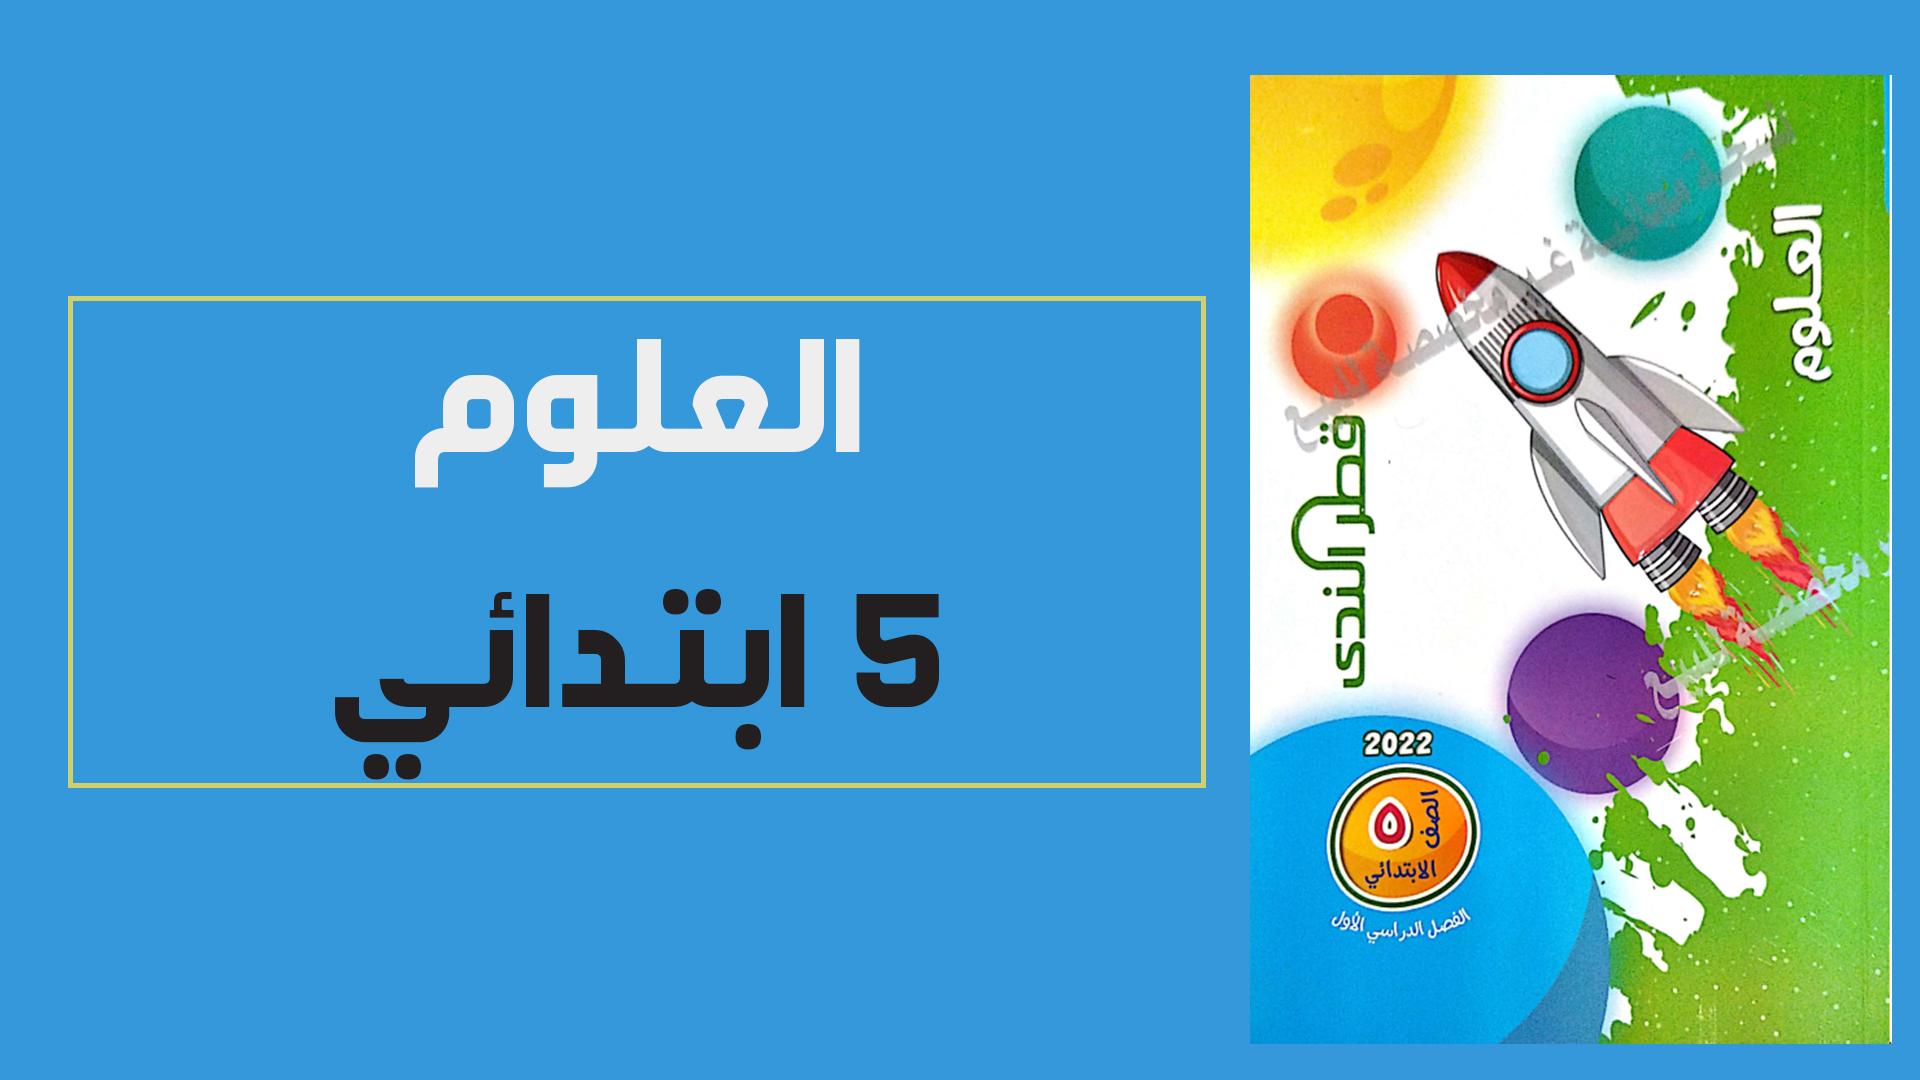 تحميل كتاب قطر الندى فى العلوم للصف الخامس الابتدائى الترم الاول  2022 (النسخة الجديدة)